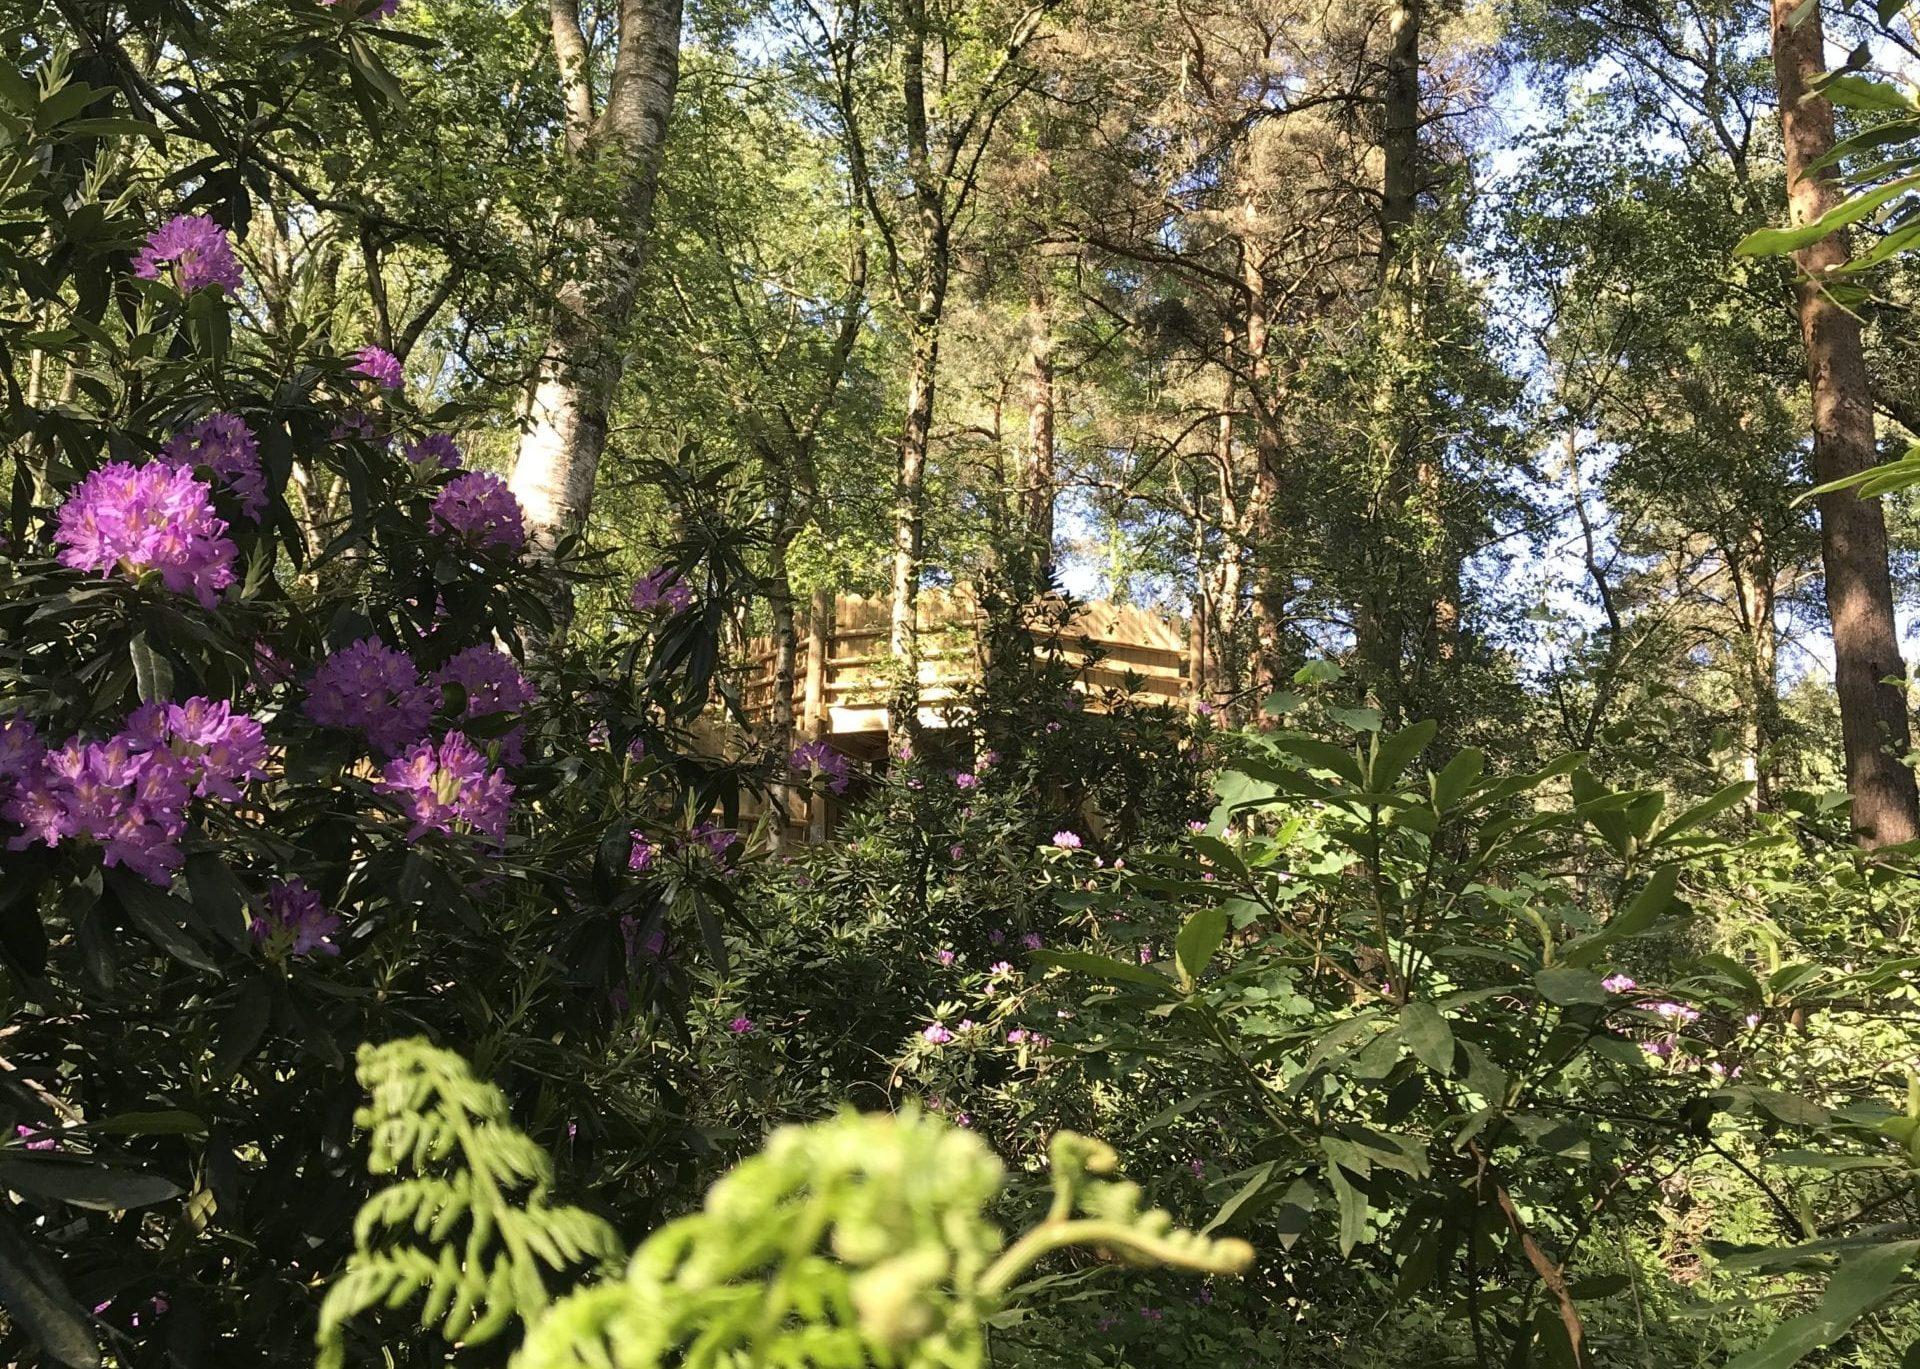 BeWILDerwood Cheshire Opening Date